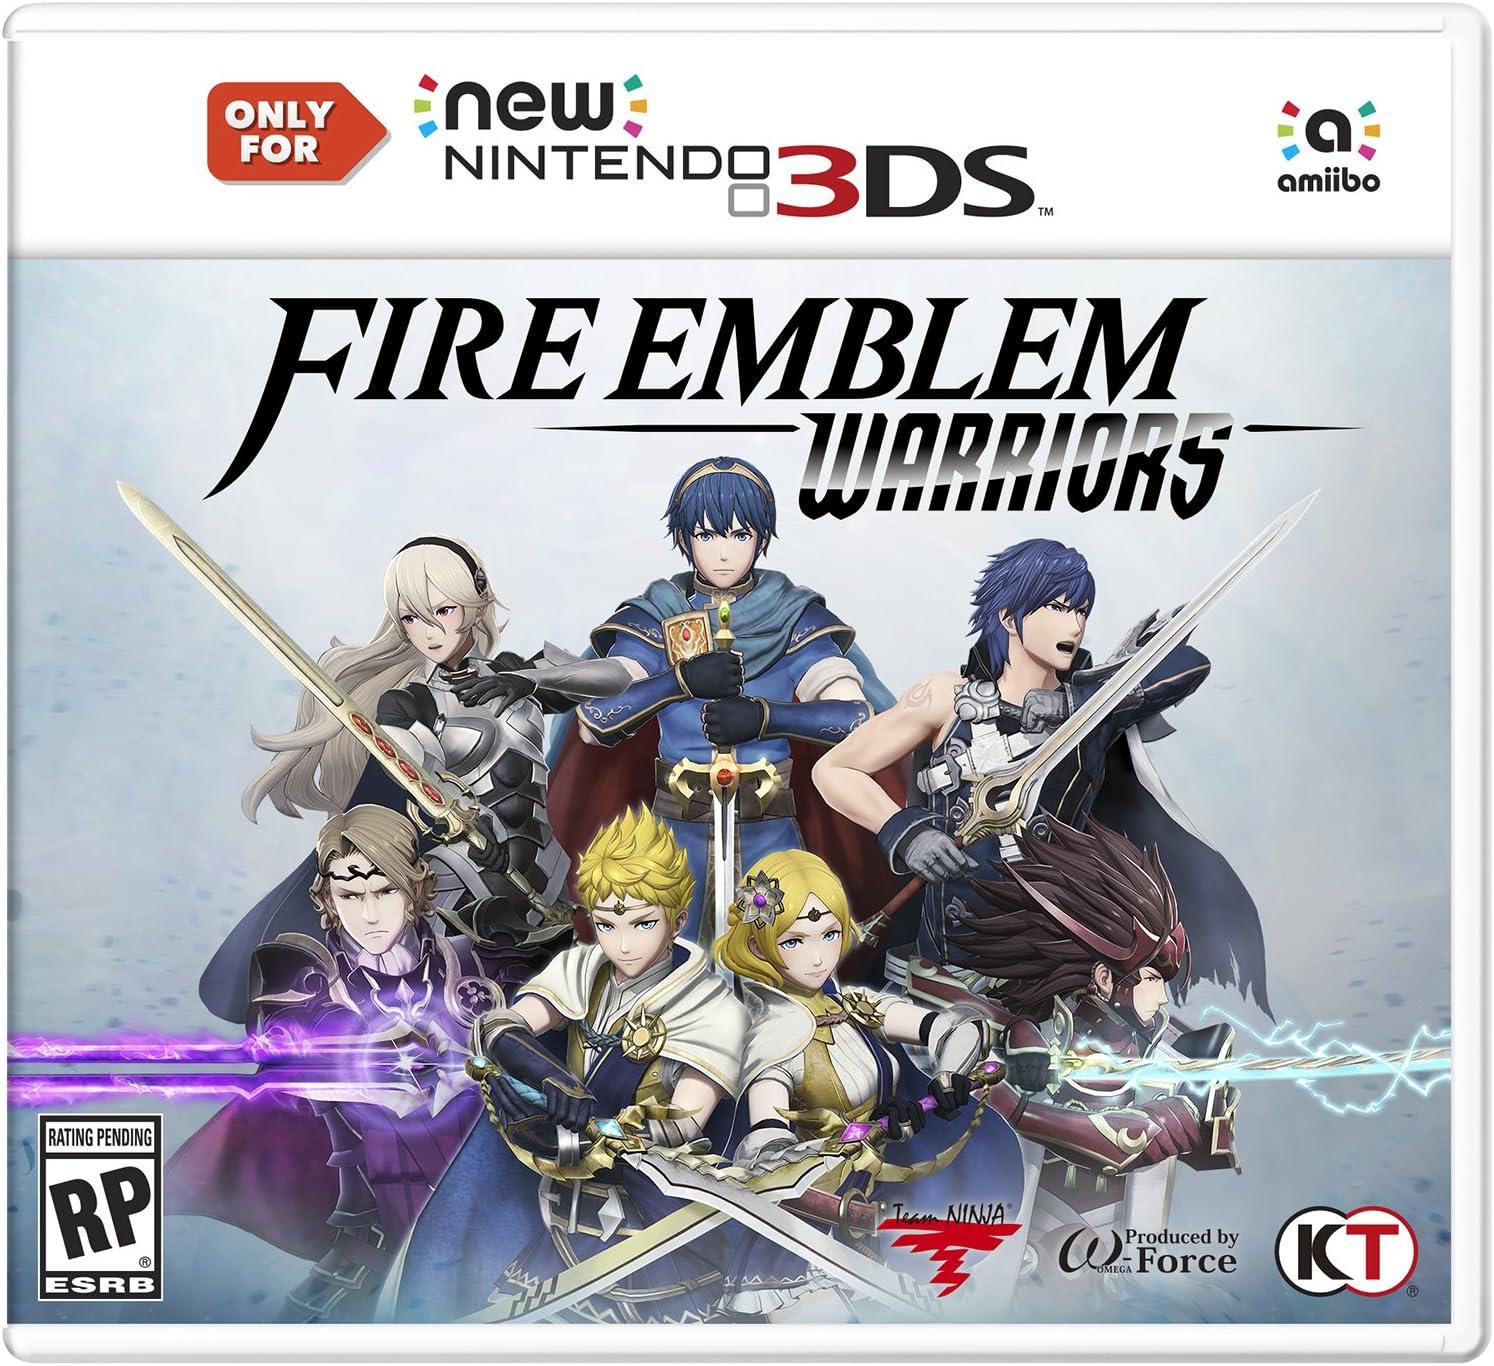 """Résultat de recherche d'images pour """"fire emblem warriors cover"""""""